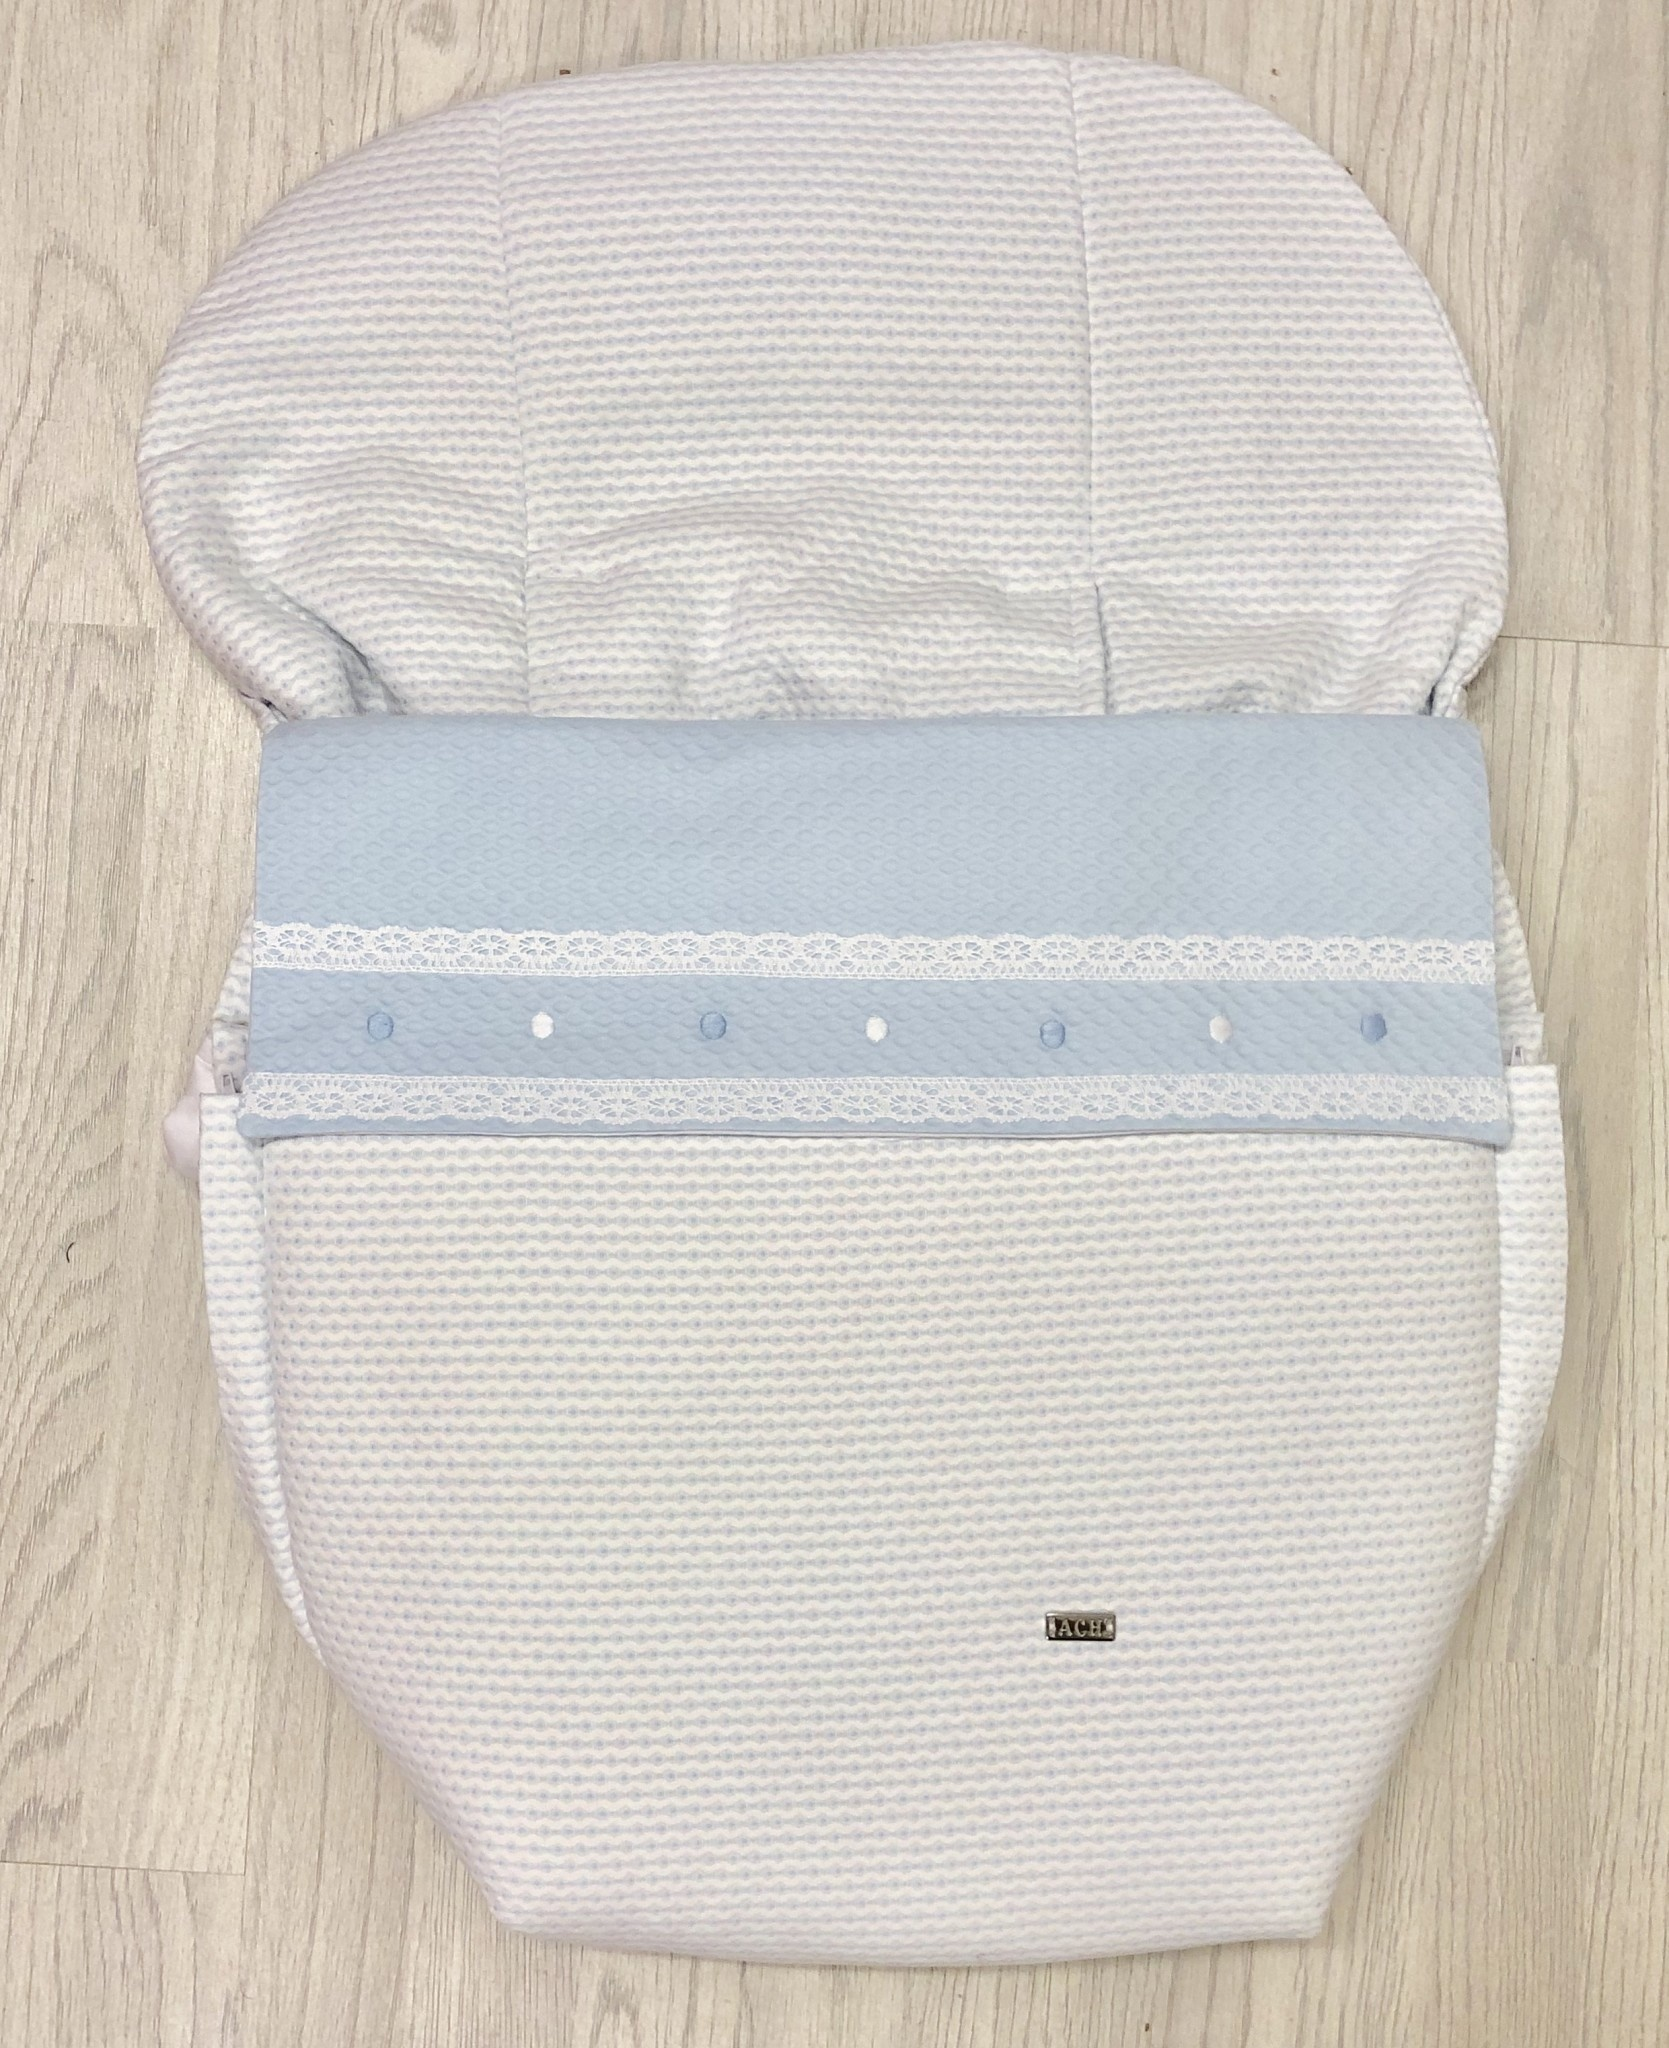 Artesania 708 Blue - White Car Seat Cover